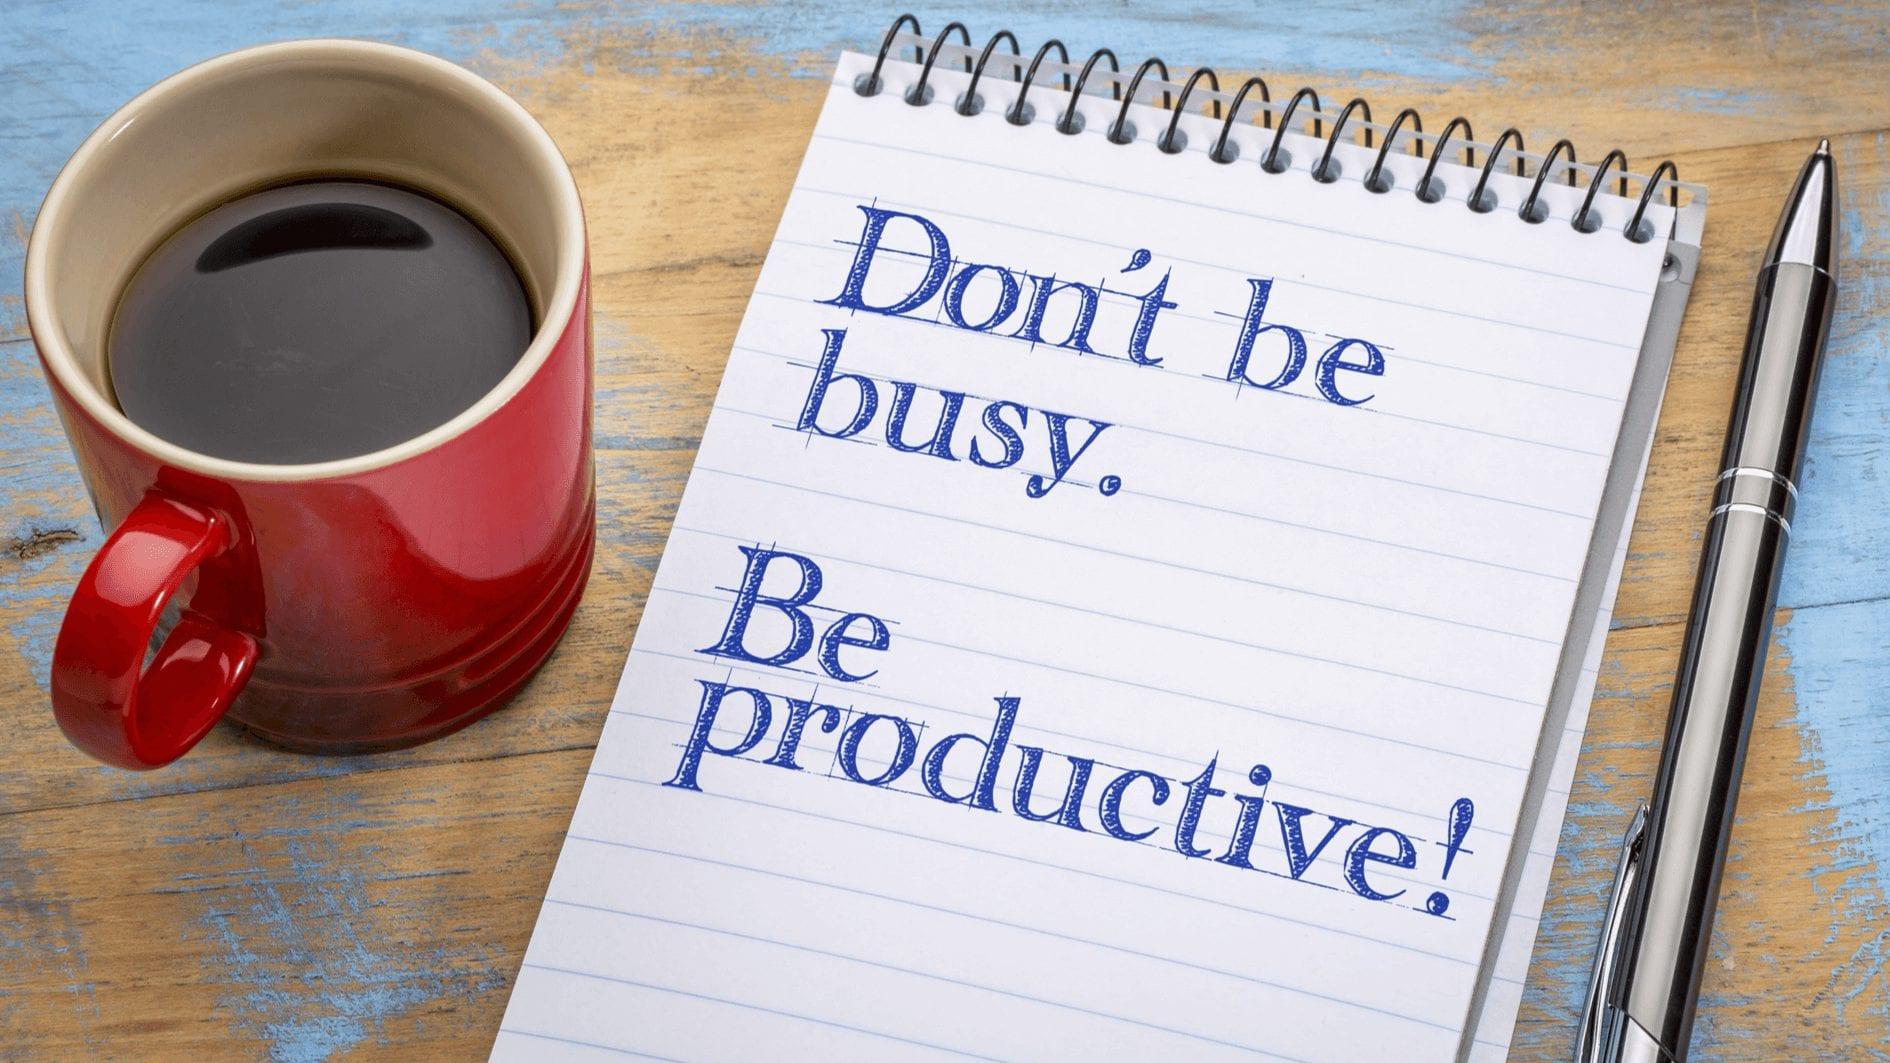 Yakin WFH Anda Sudah Produktif? Kenali Perbedaan Produktif dan Sibuk Kerja!